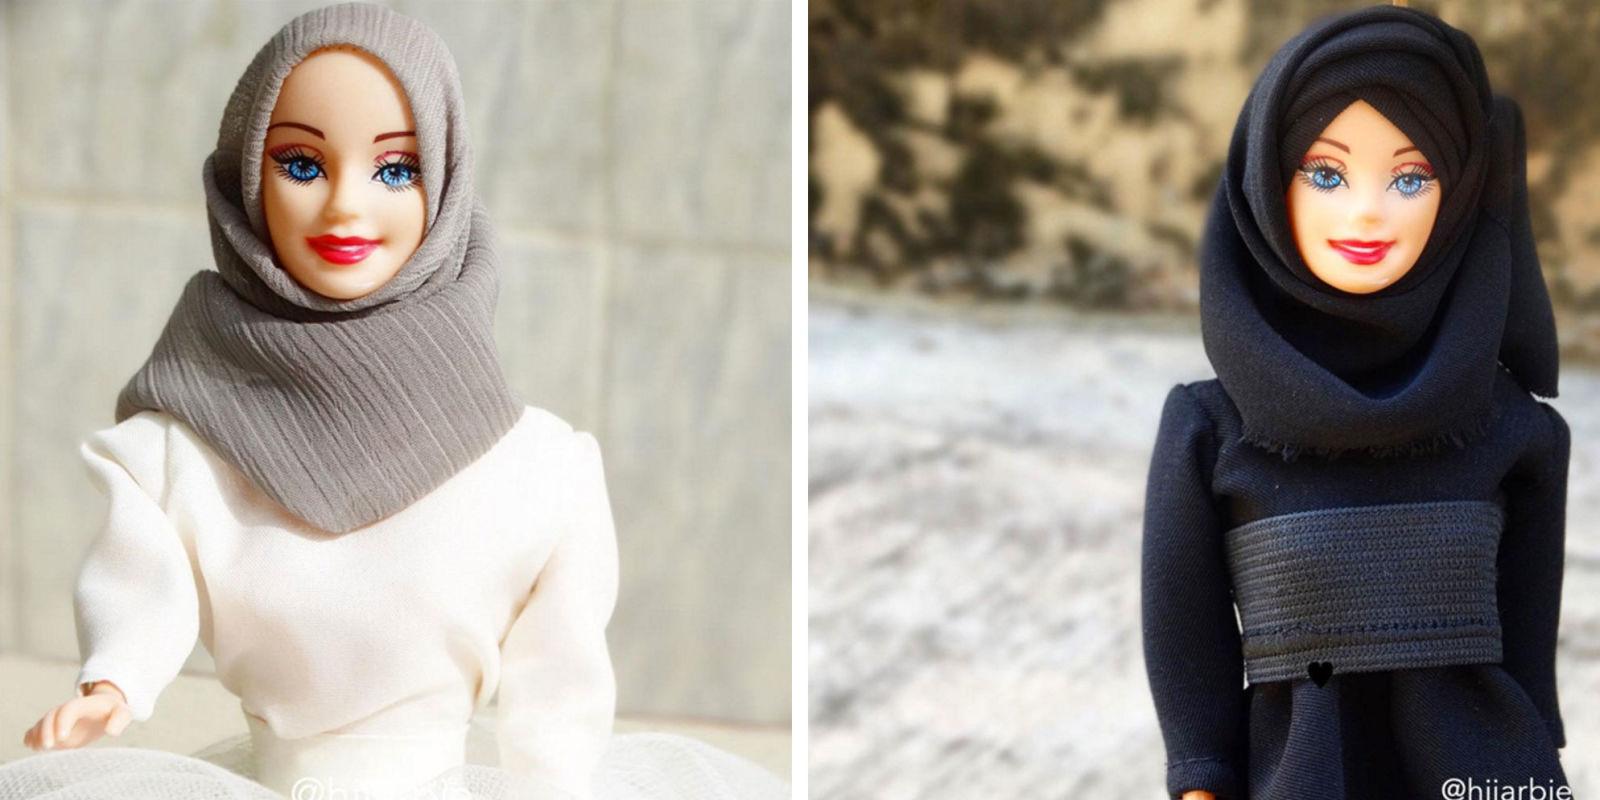 Meet Hijarbie, the Hijab-Wearing Barbie of Your Dreams